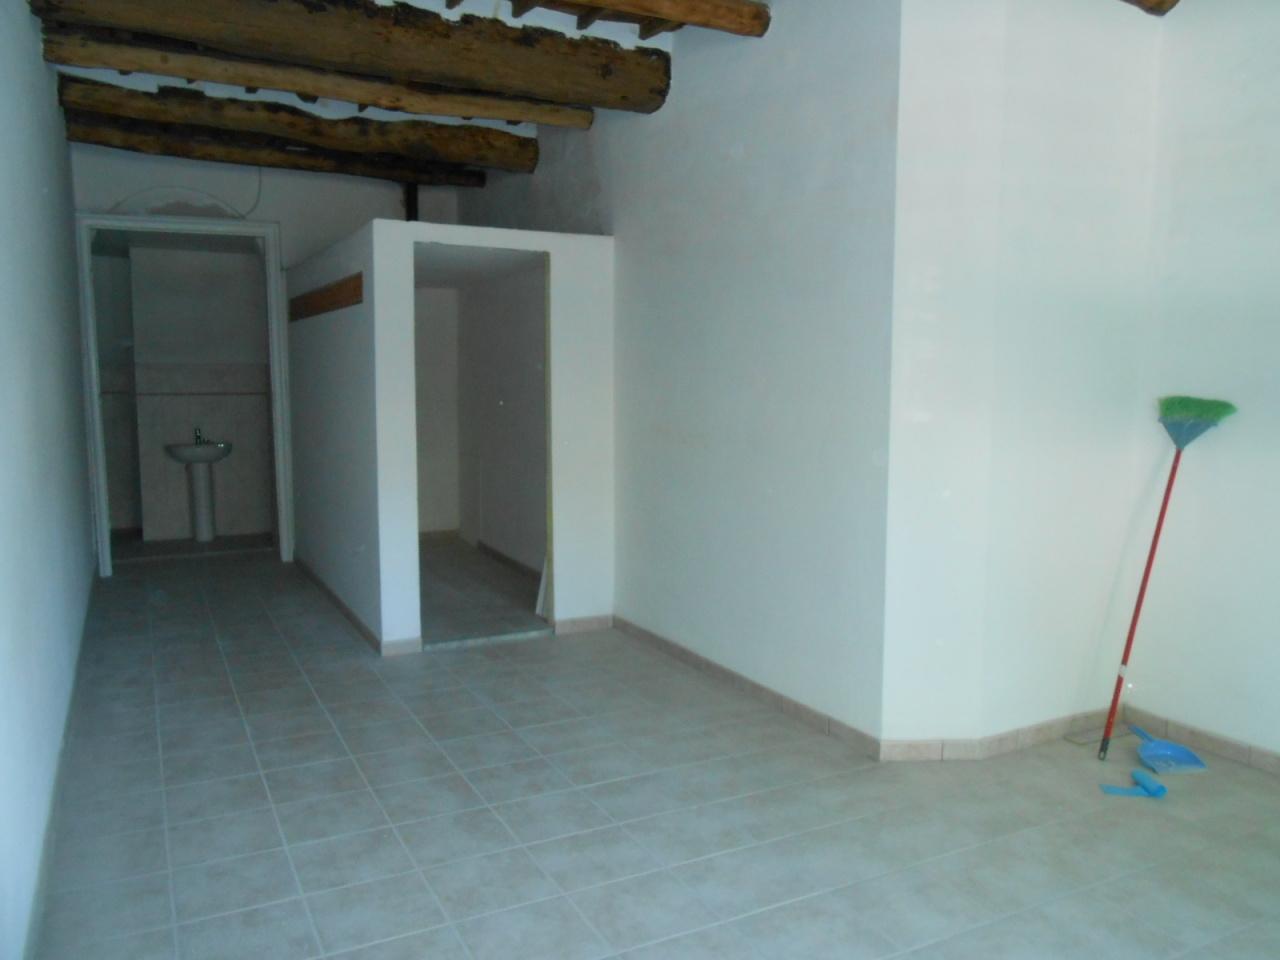 Capannone in vendita a Lucca, 1 locali, prezzo € 80.000 | Cambio Casa.it